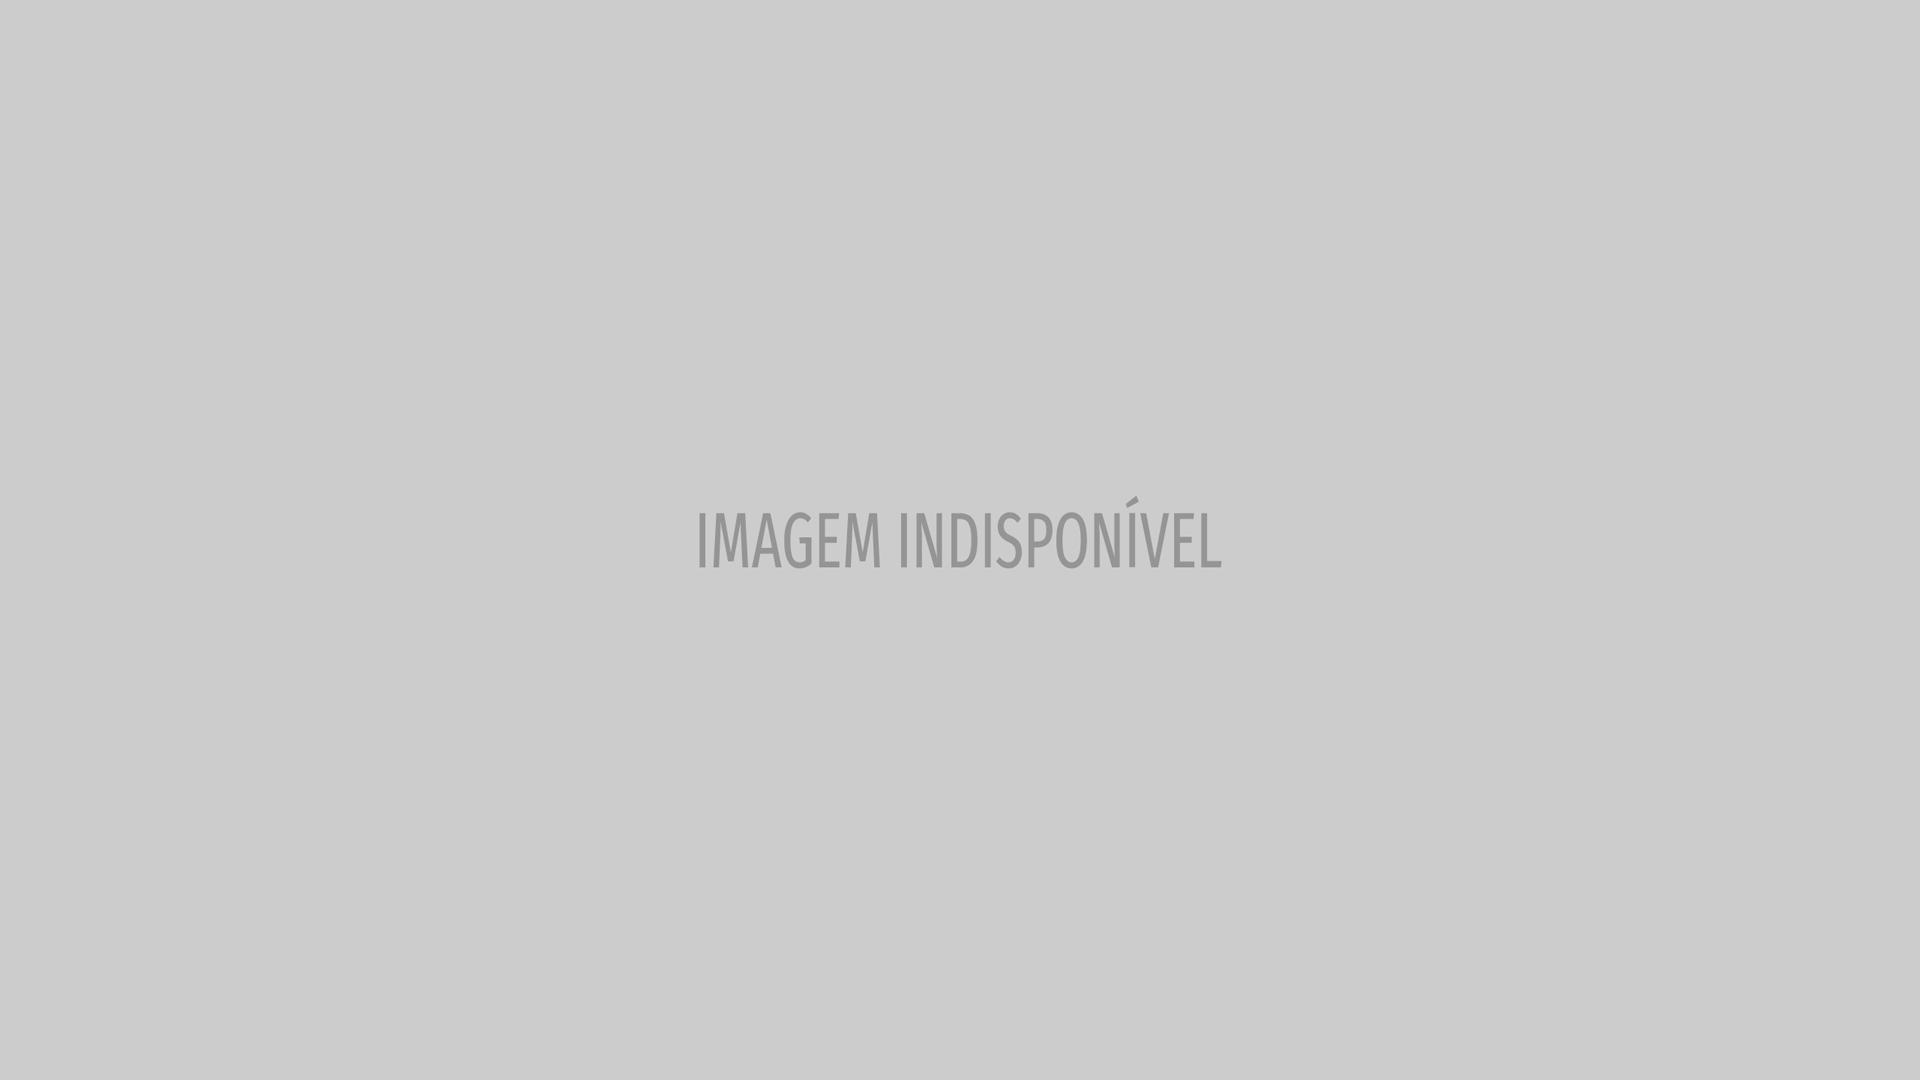 Depois da polémica, Cristiano Ronaldo publica nova foto com o filho